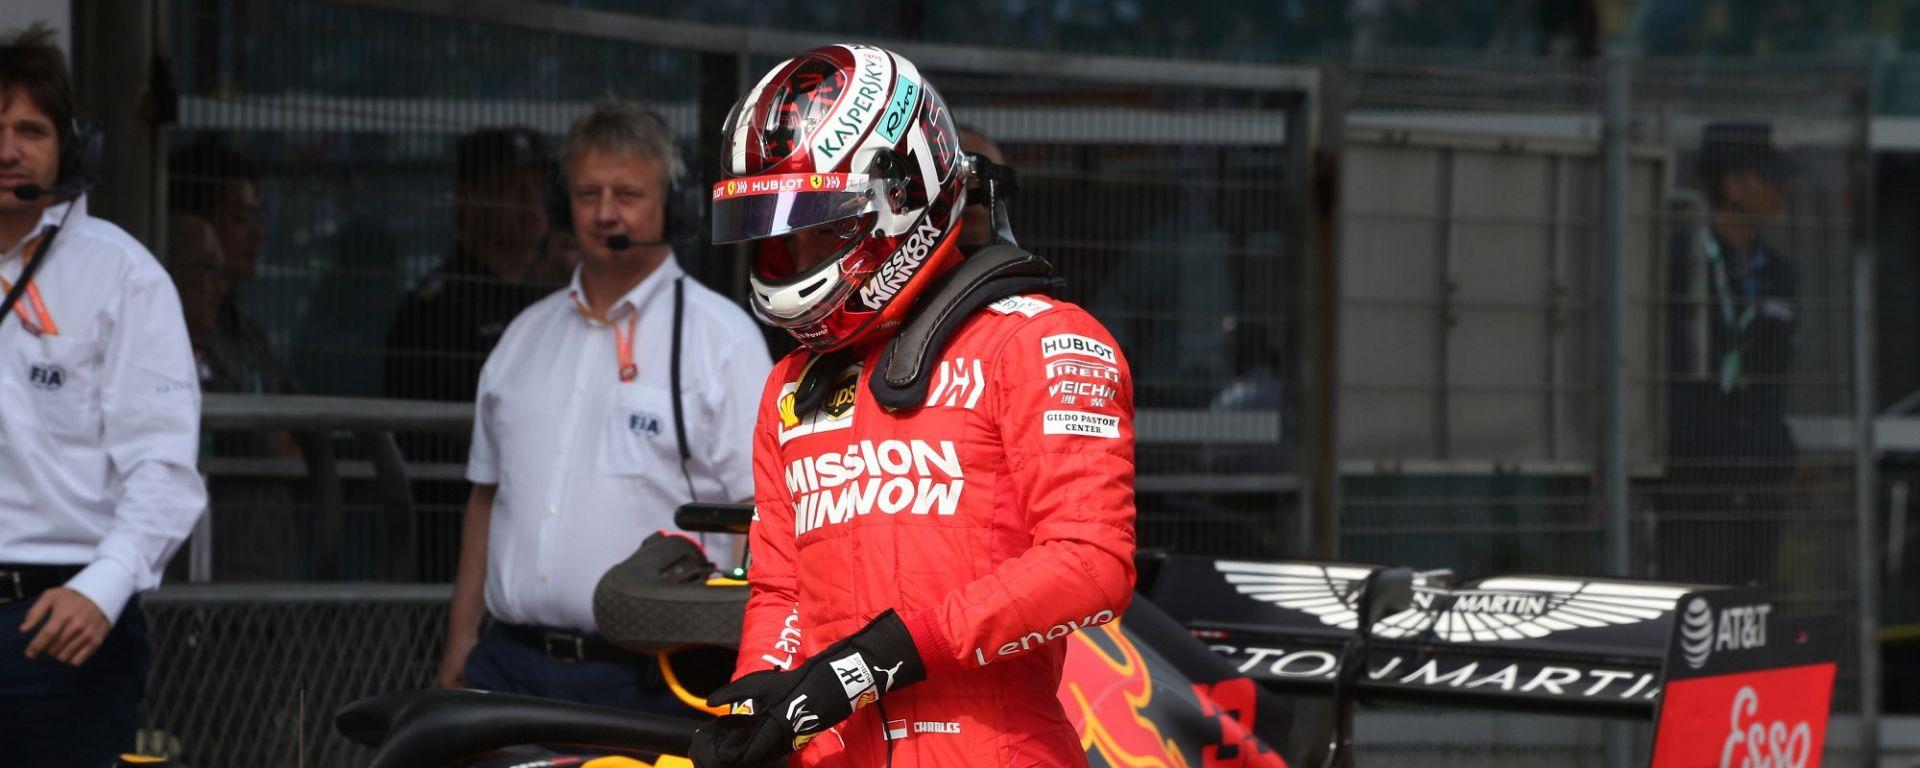 GP Cina, Ferrari: Leclerc solo quinto, la strategia è da rivedere